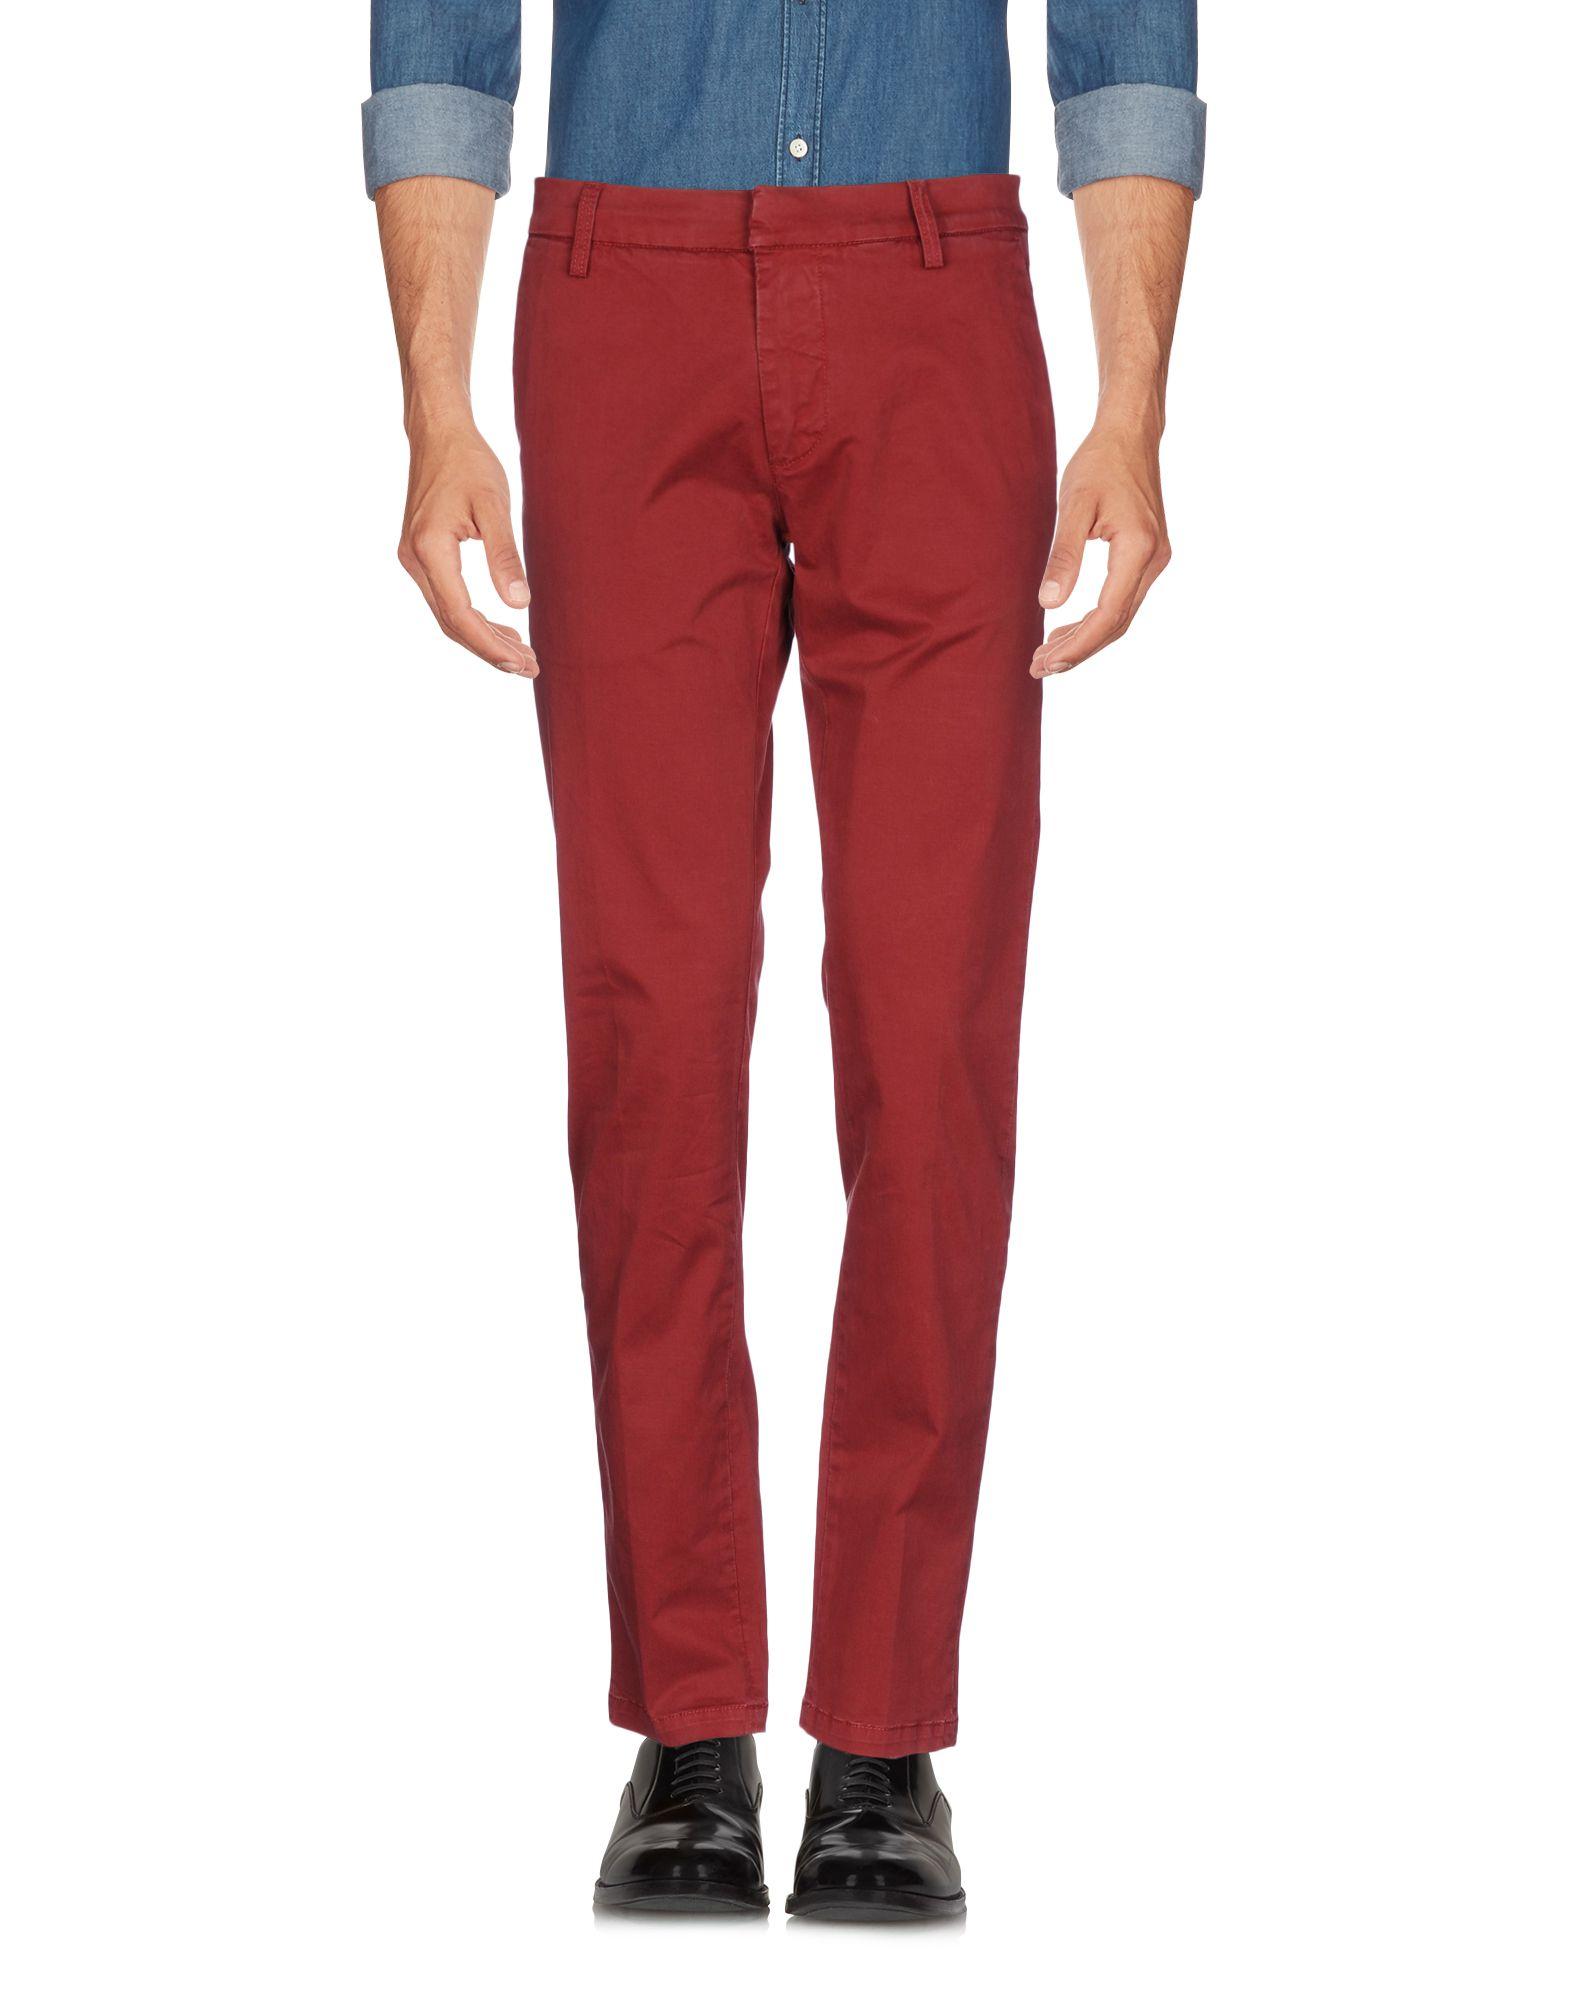 ANTONY MORATO Повседневные брюки брюки antony morato mmtr00255 fa850106 7043